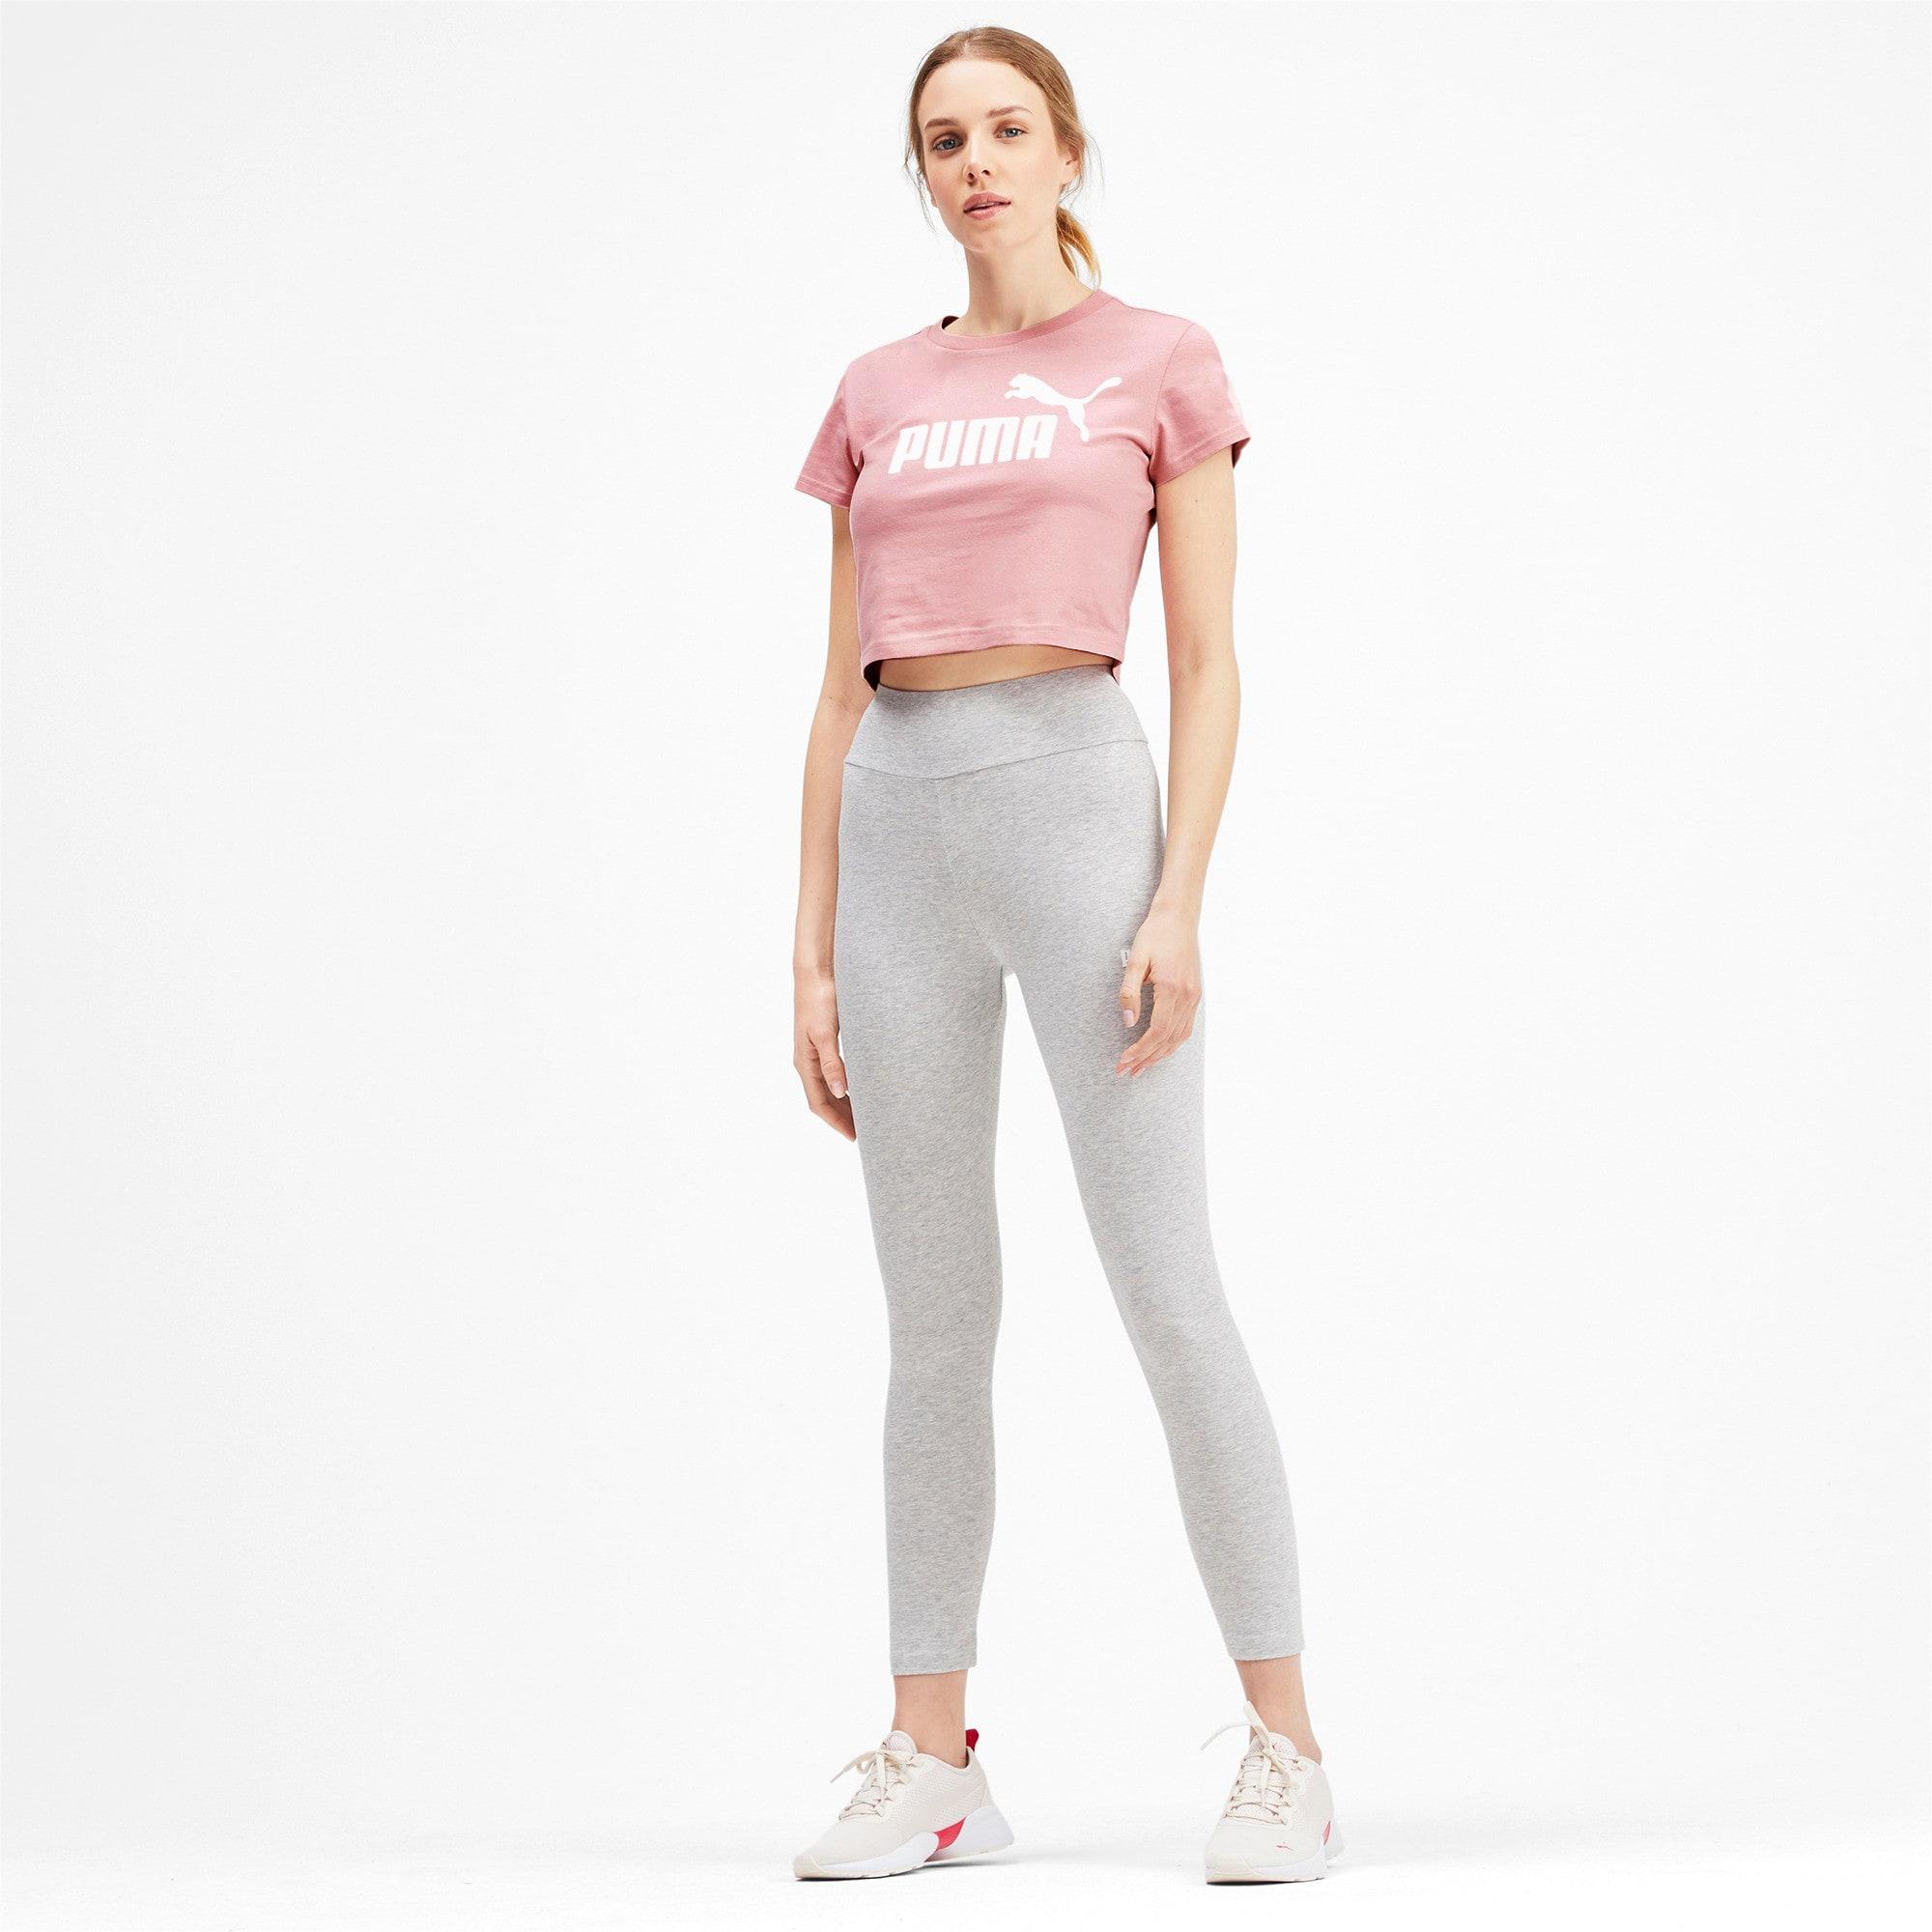 Miniatura 3 de Camiseta ajustada con logo Amplified para mujer, Bridal Rose, mediano